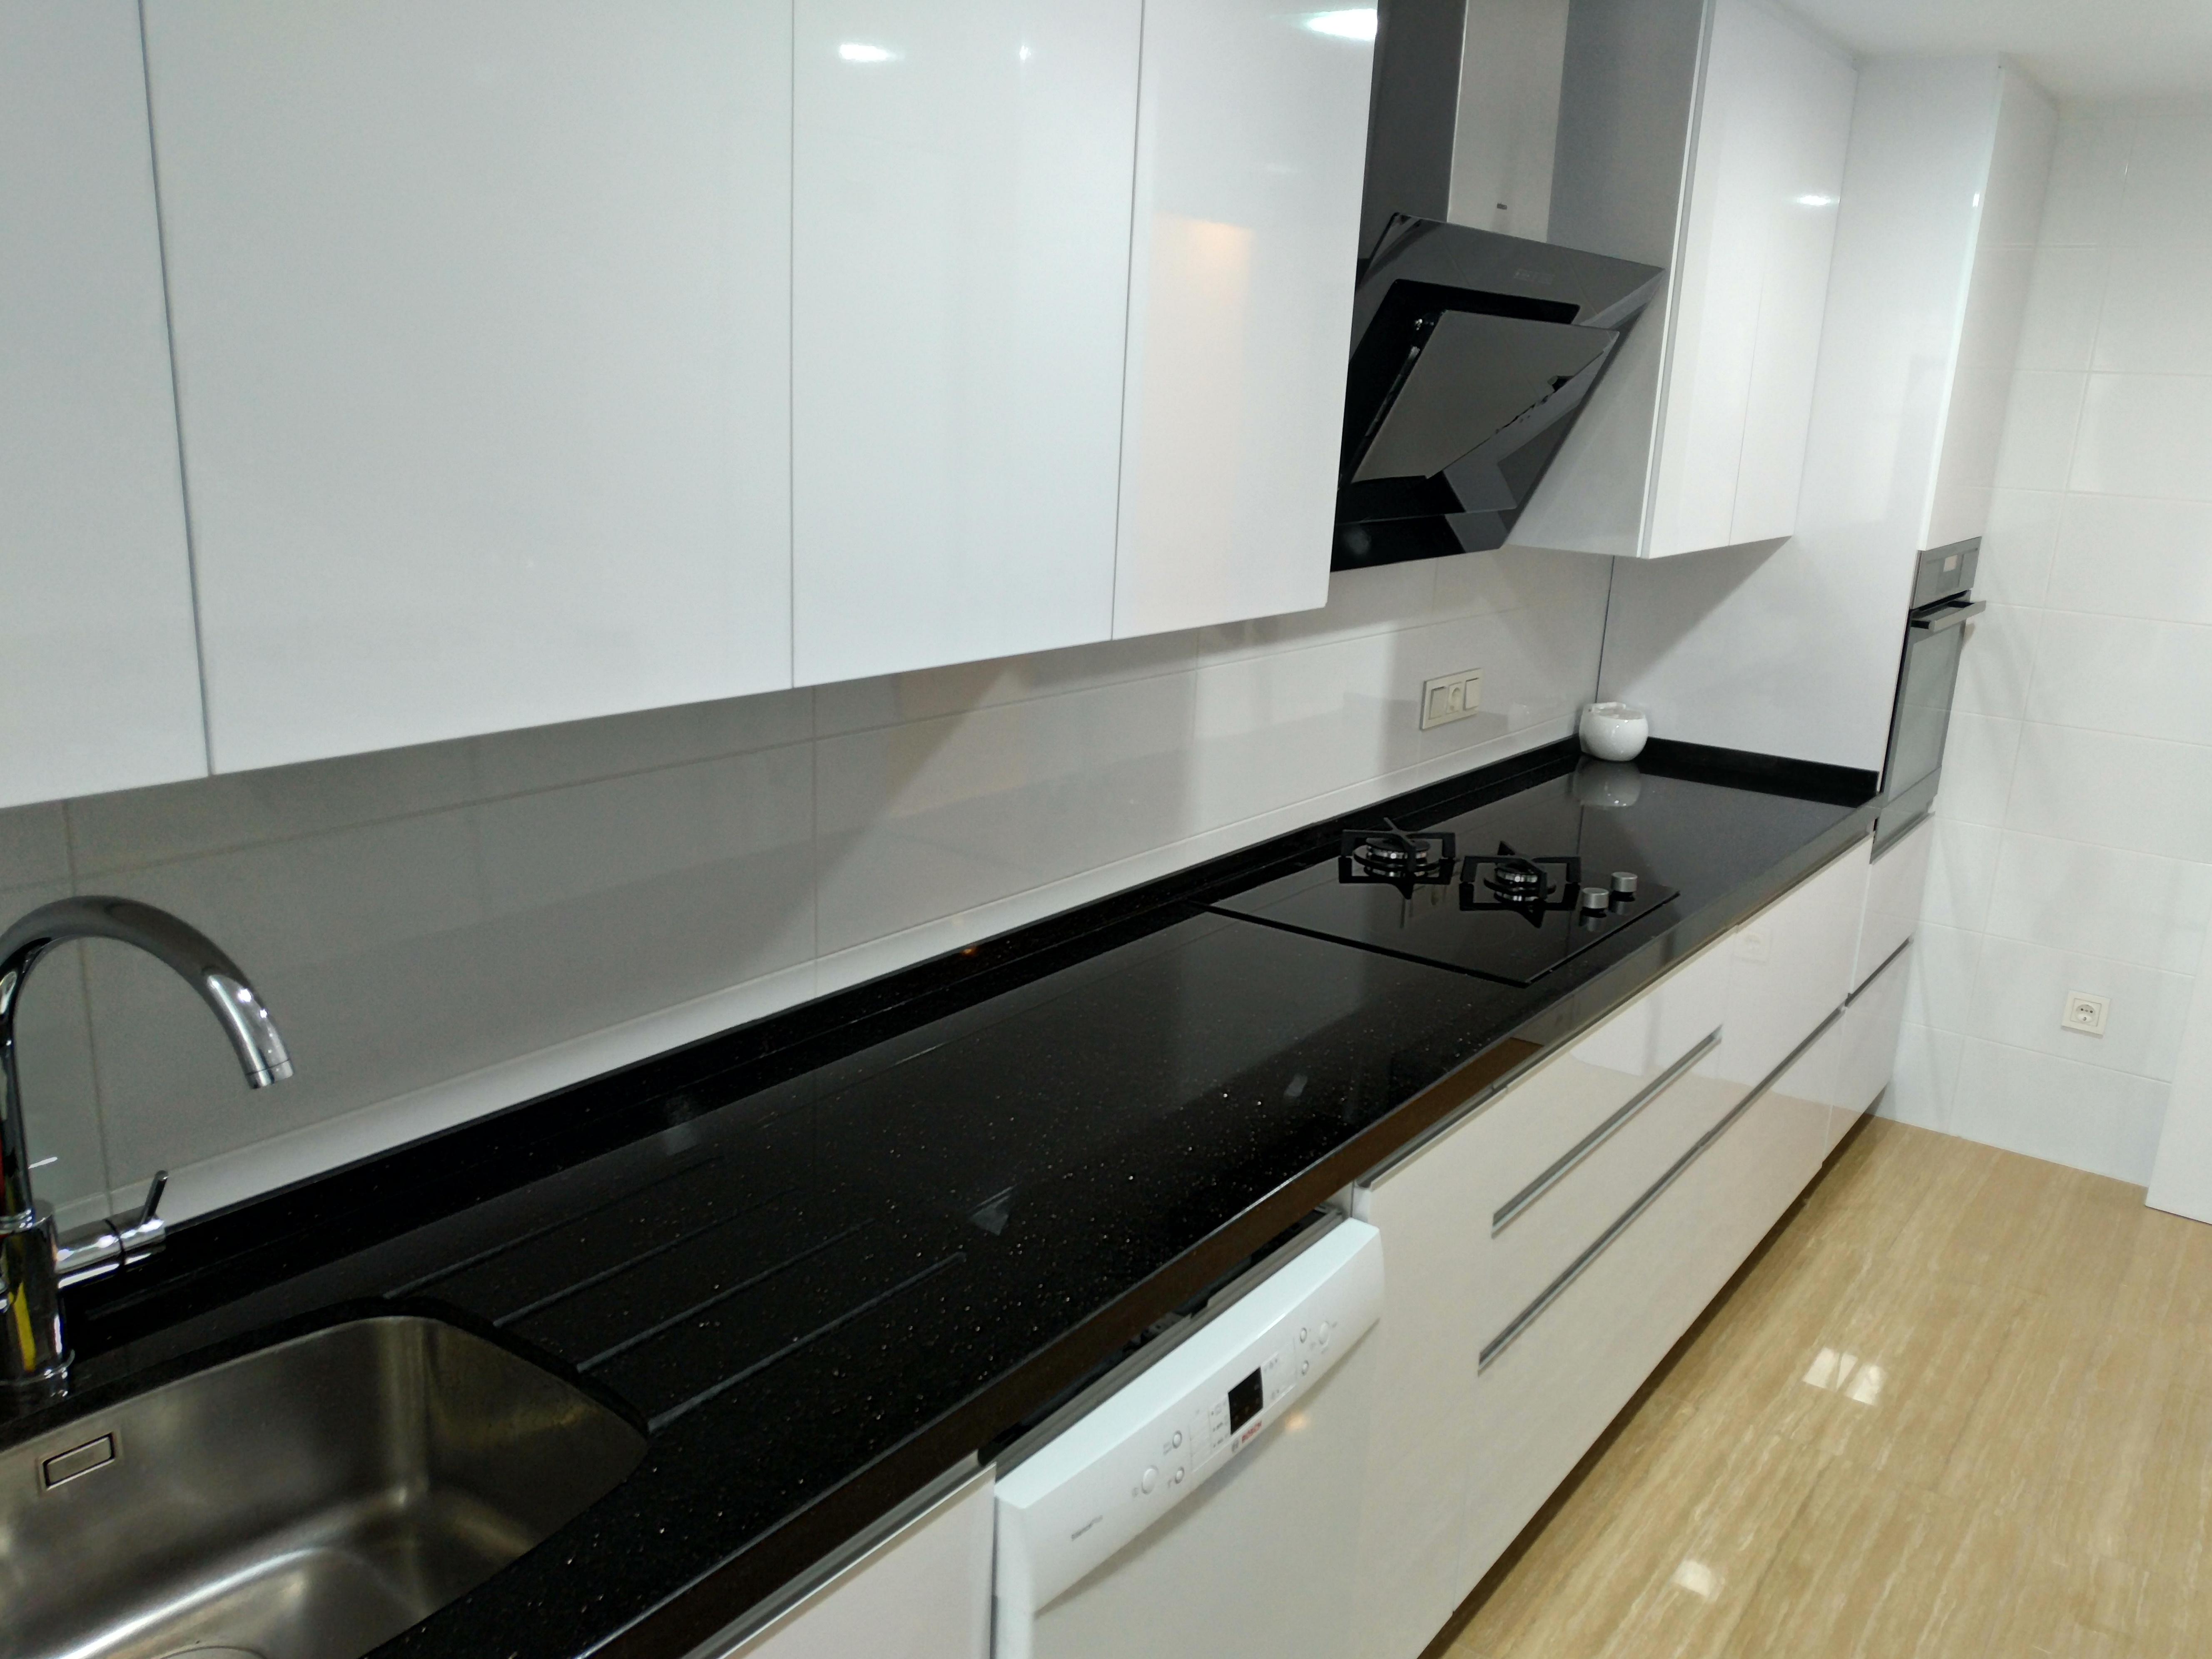 Cocina Blanca Con Bancada Granito Negro Reformas Juan Lopez S L